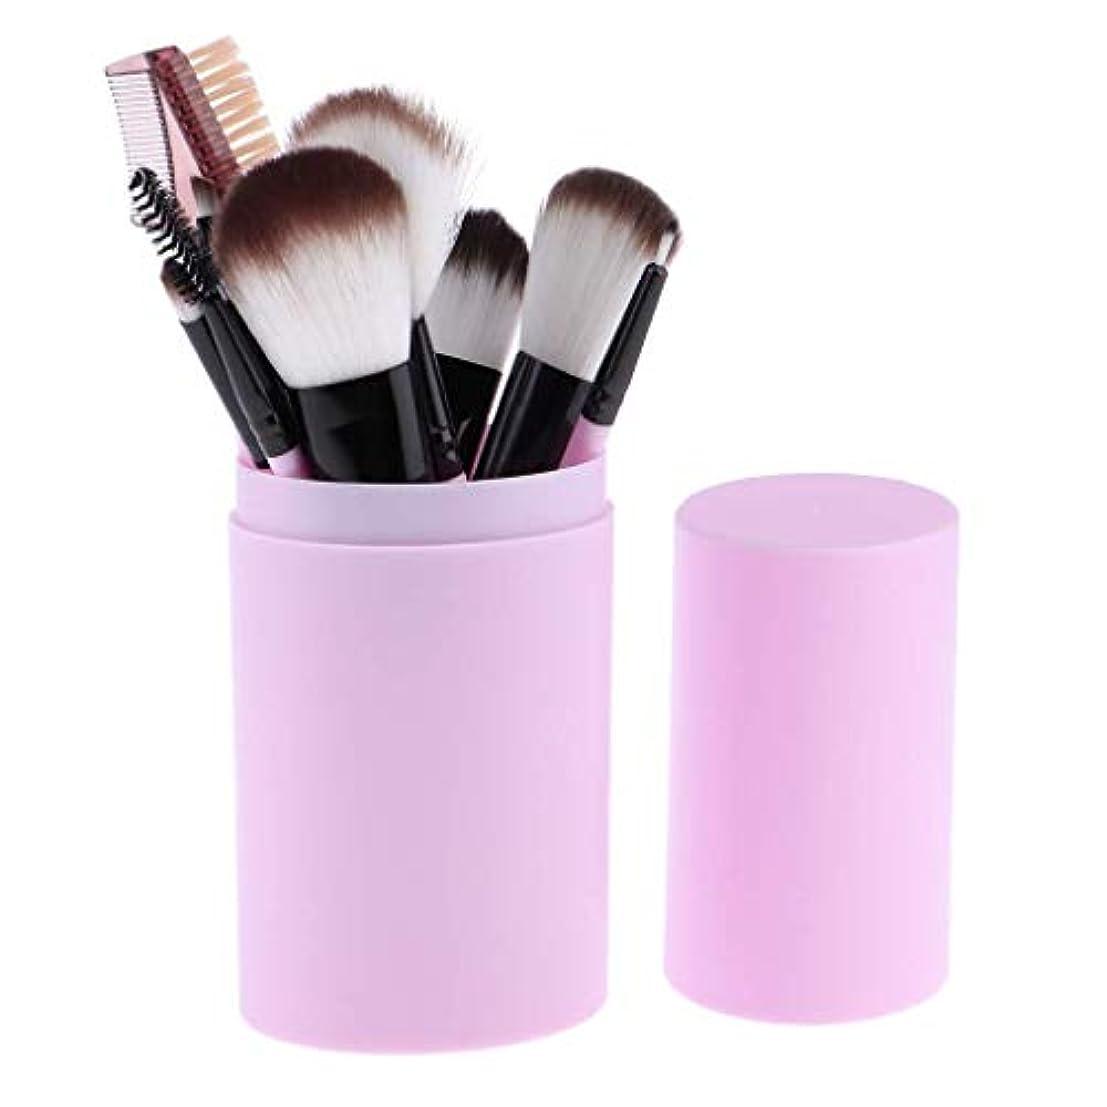 Makeup brushes スミア、持ち運びにやさしい、12ピース高品質木製ハンドル化粧ブラシセット(収納バケツ化粧ブラシセット) suits (Color : Purple)